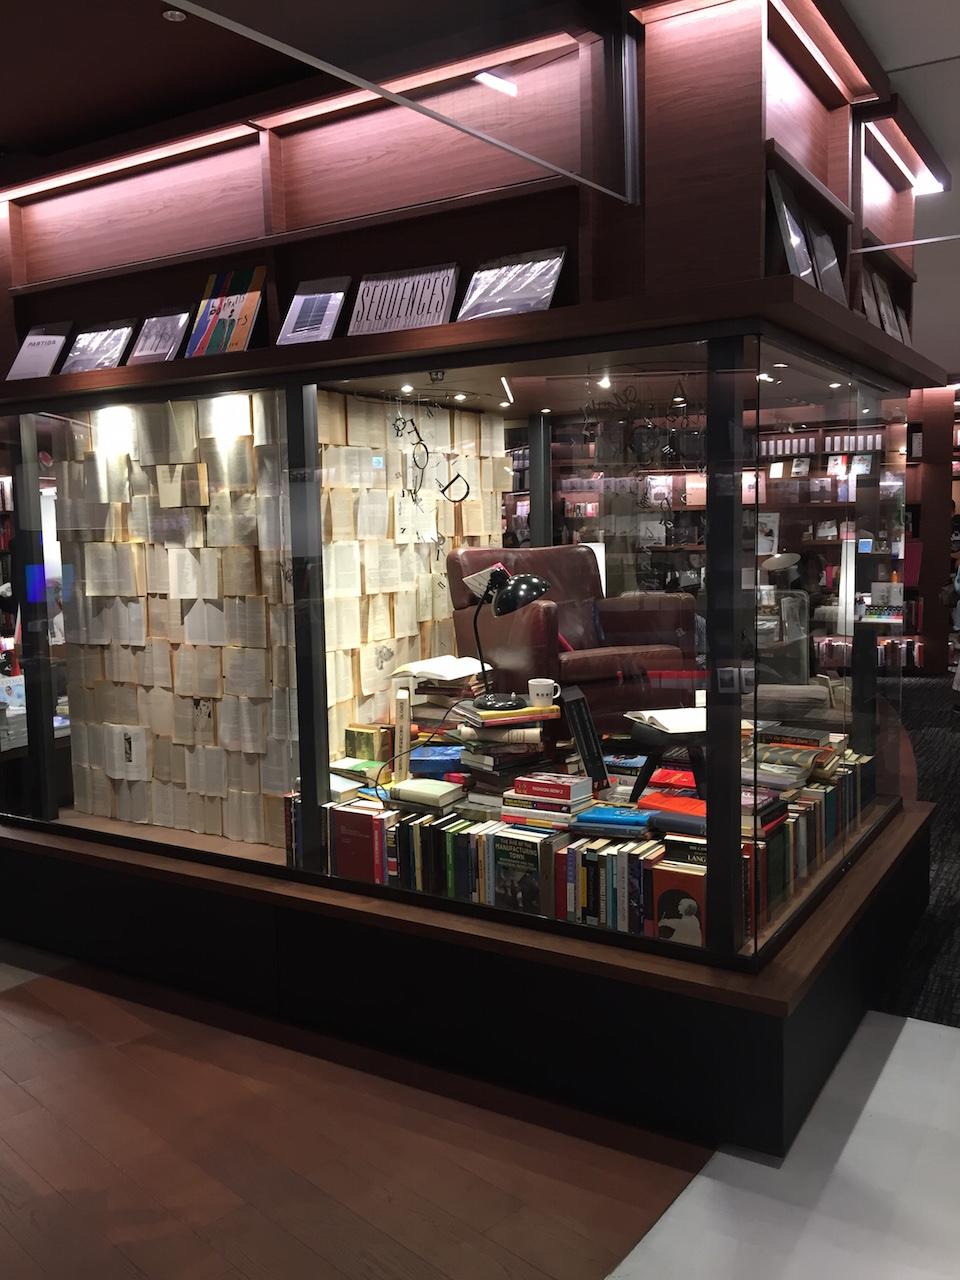 古い本が積み上げられている。壁面にも開いた洋書が貼り付けられて・・・